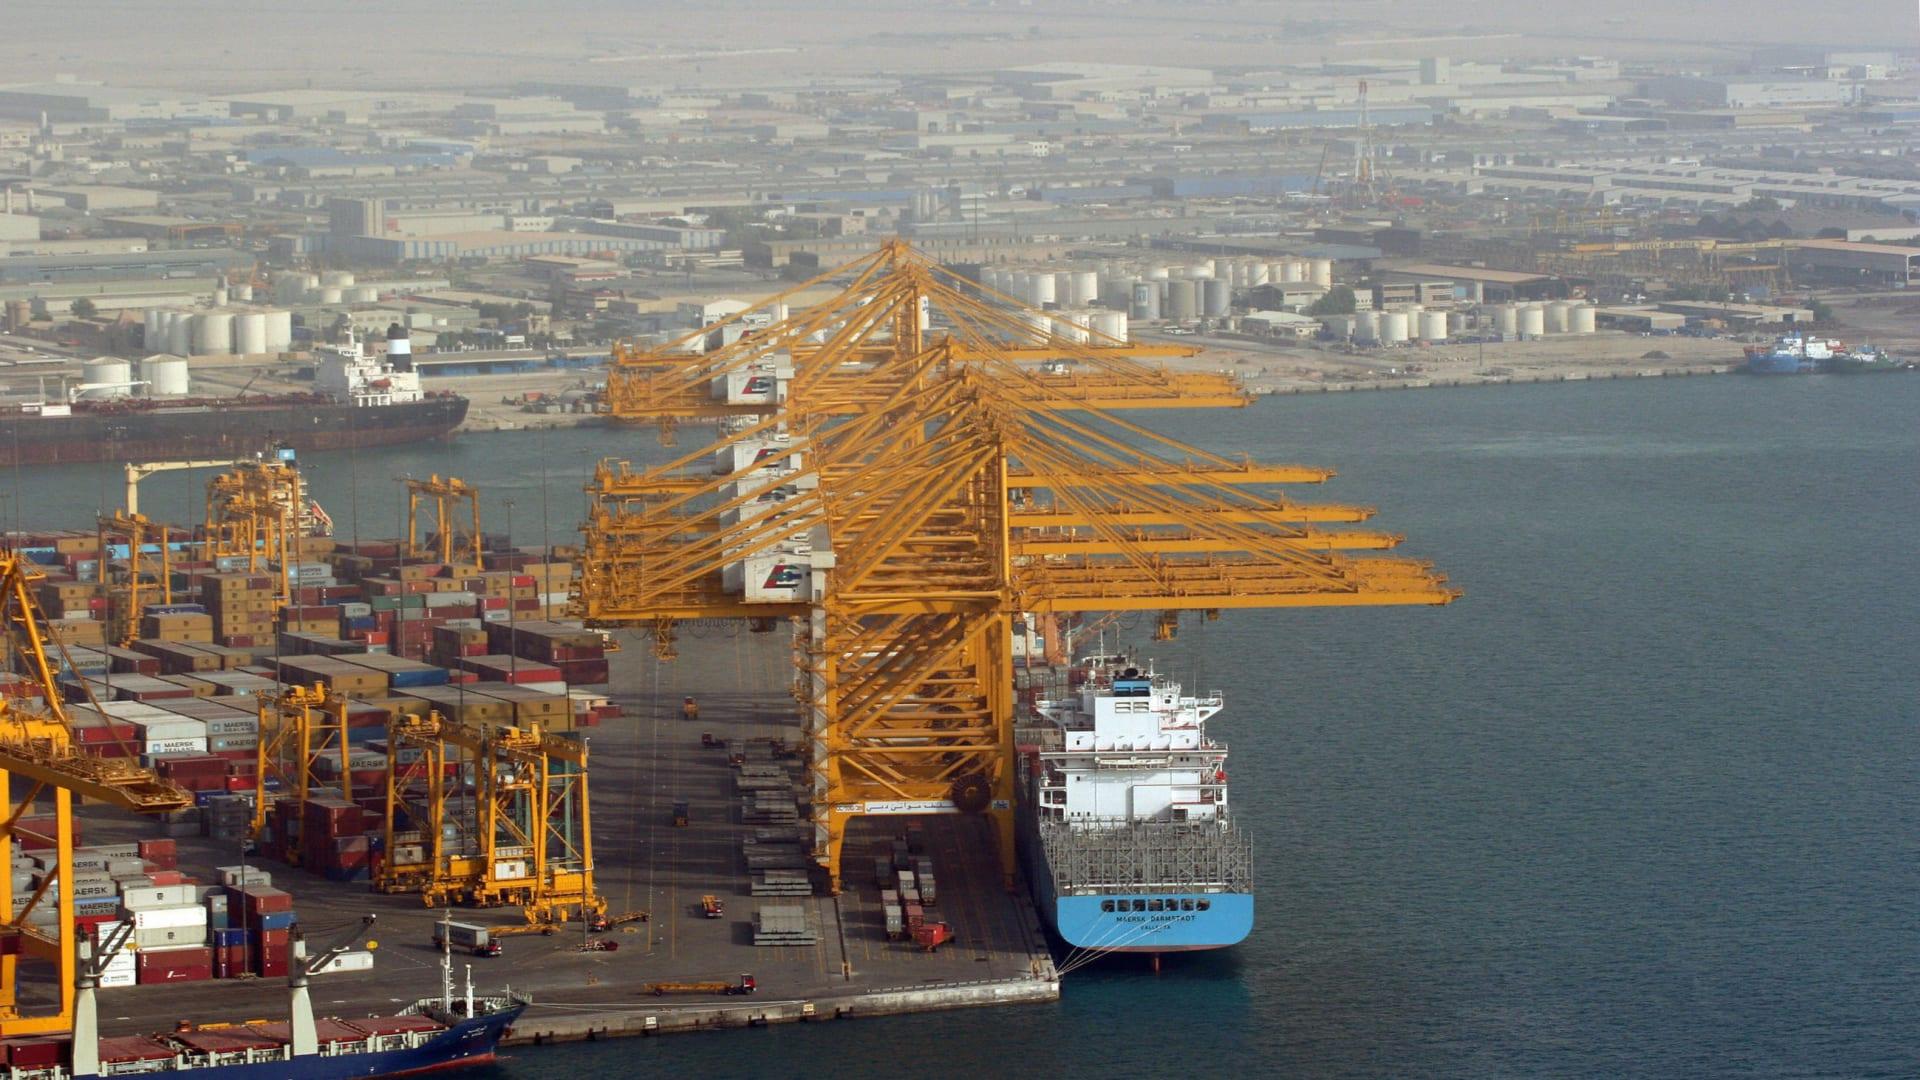 فصل جديد في نزاع موانئ دبي وحكومة جيبوتي.. تعرف على تفاصيله